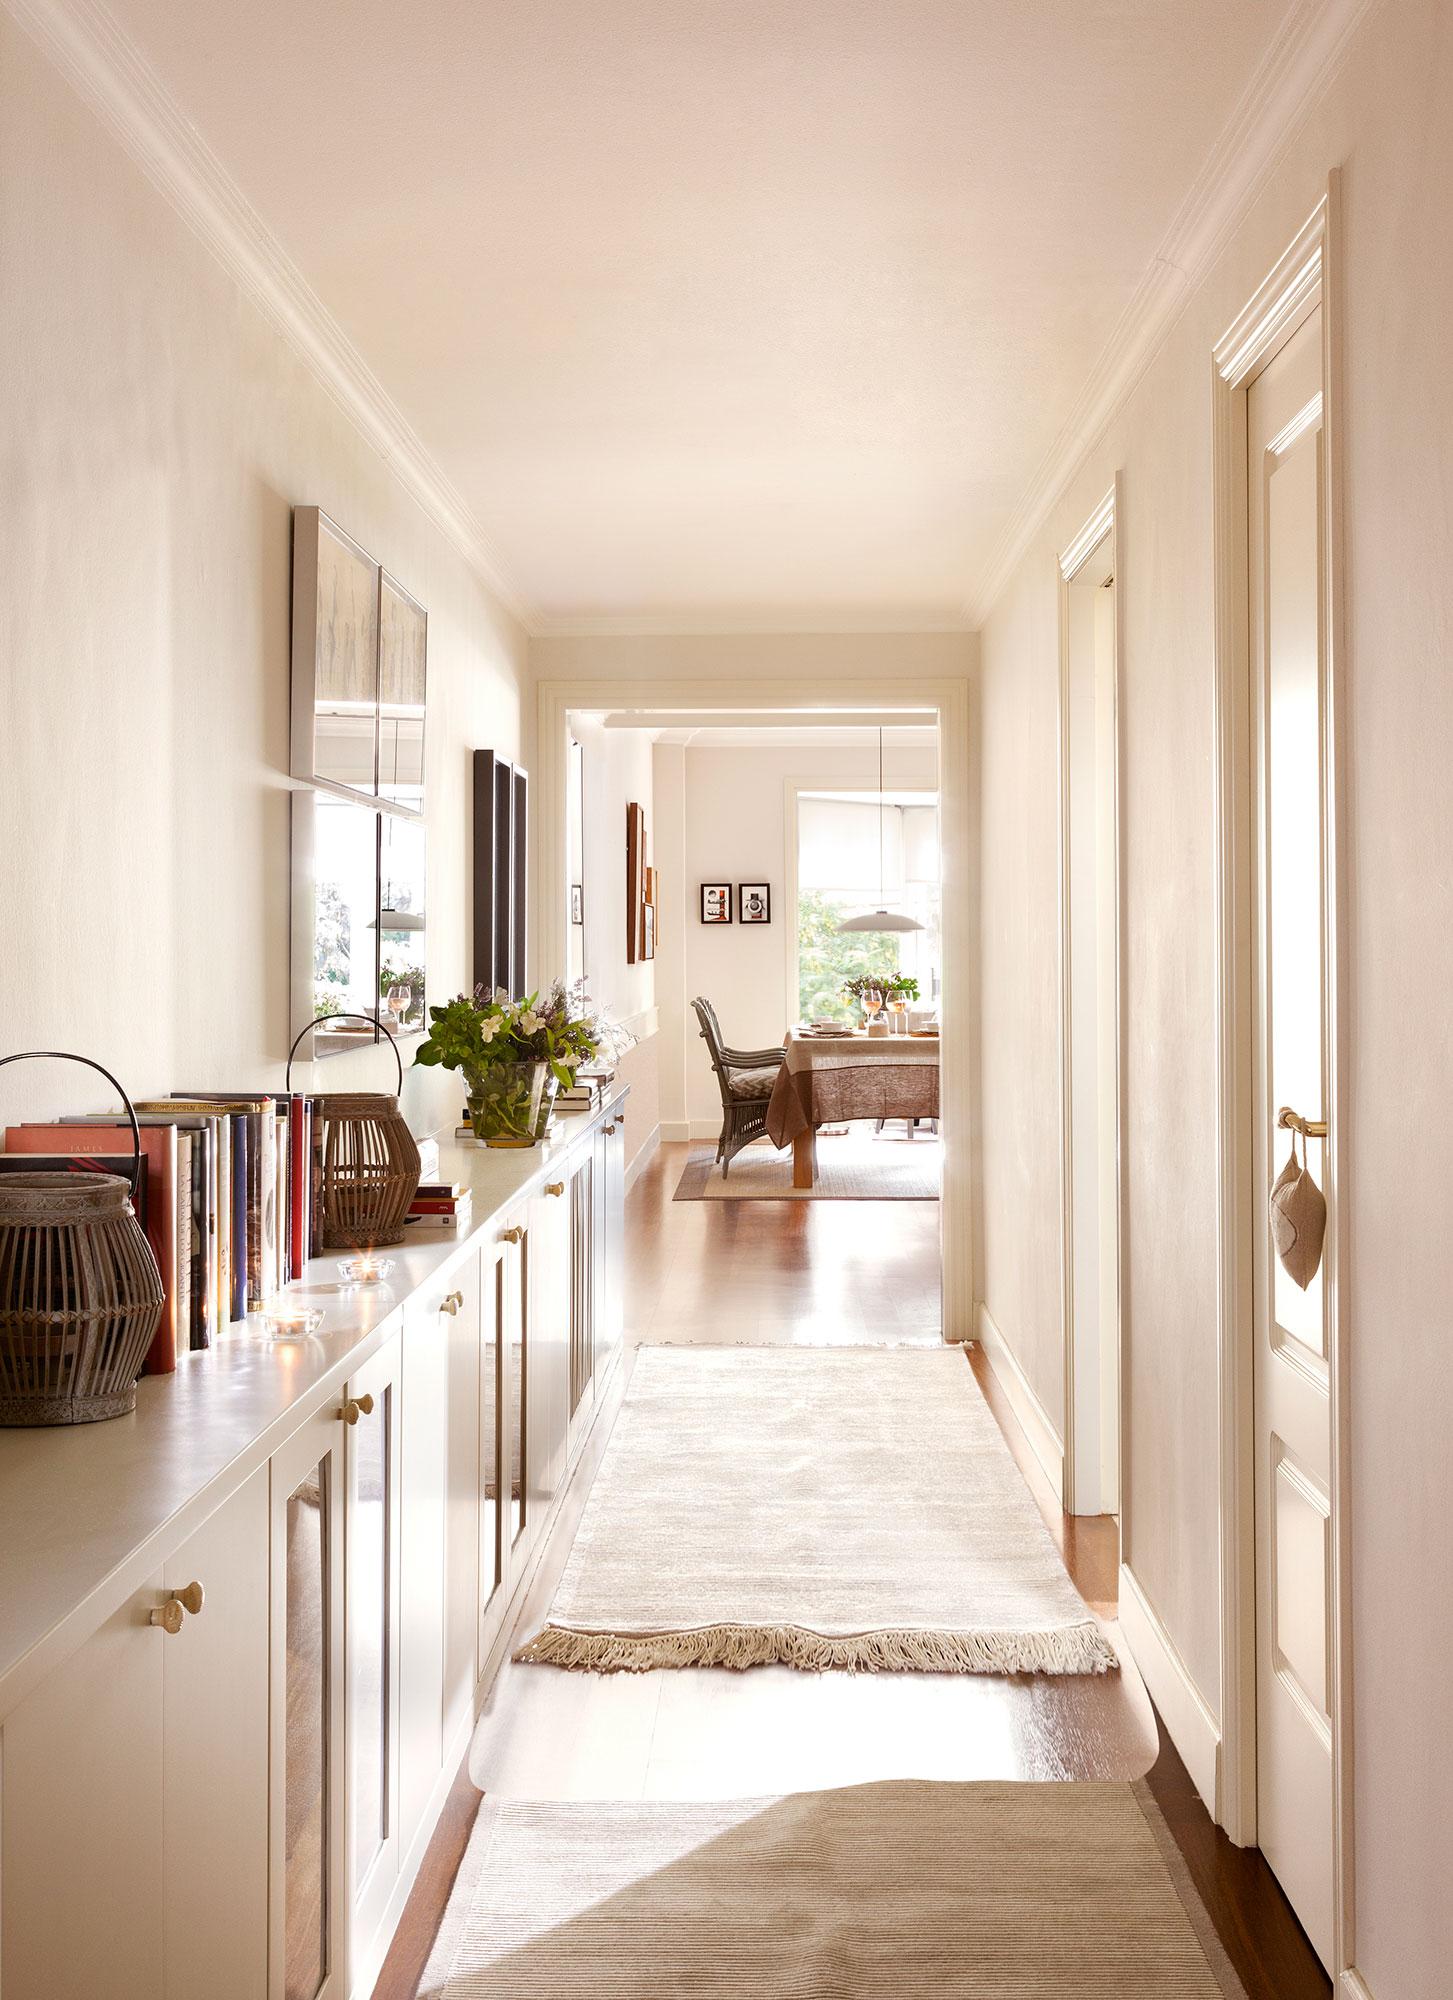 Recibidores y pasillos buenas ideas para decorarlos y - Muebles para pasillo ...